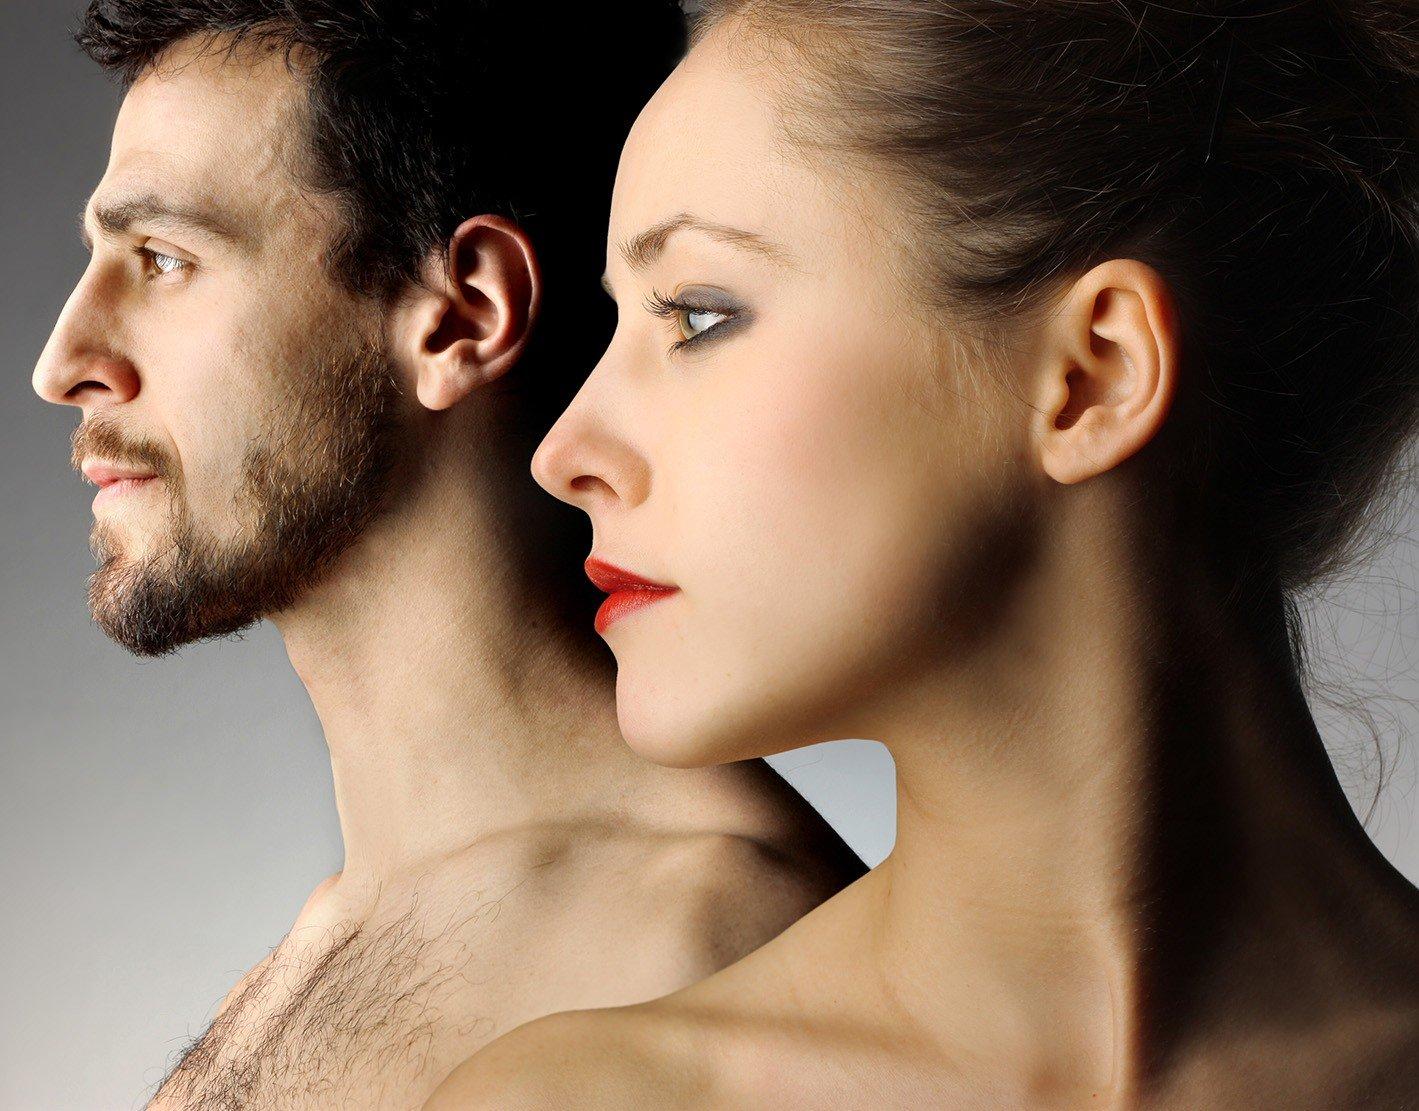 Такие разные мужчина и женщина картинки